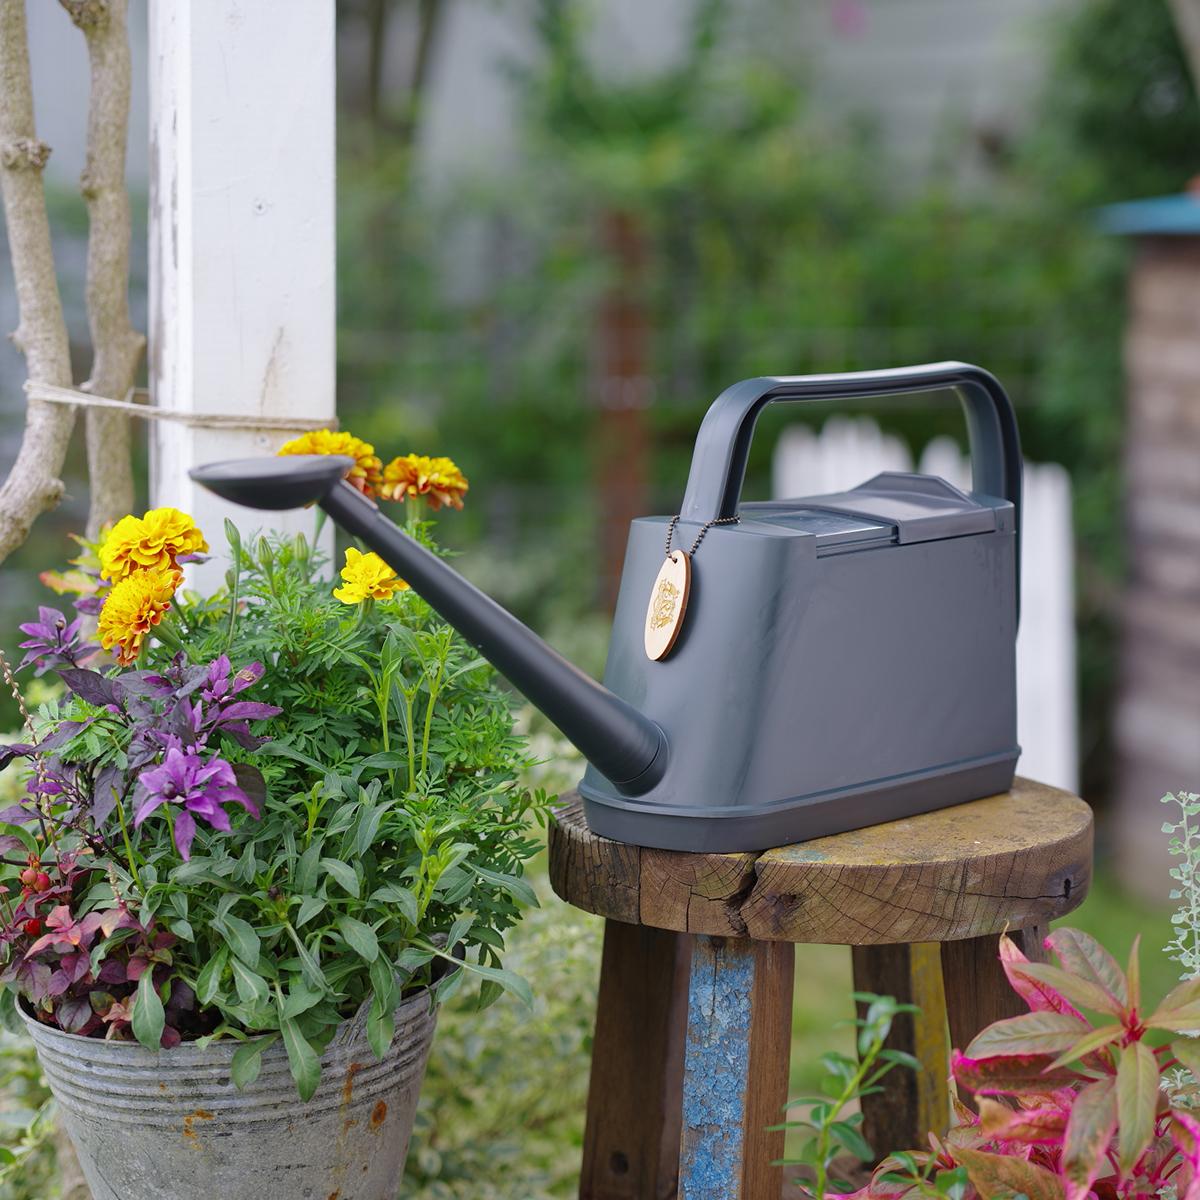 鉢植えをひとつ、ふたつ置くだけで、あなたの癒しスポットに。植物にやさしい、繊細な雨のような自然な水流のジョウロ|Royal Gardeners Club